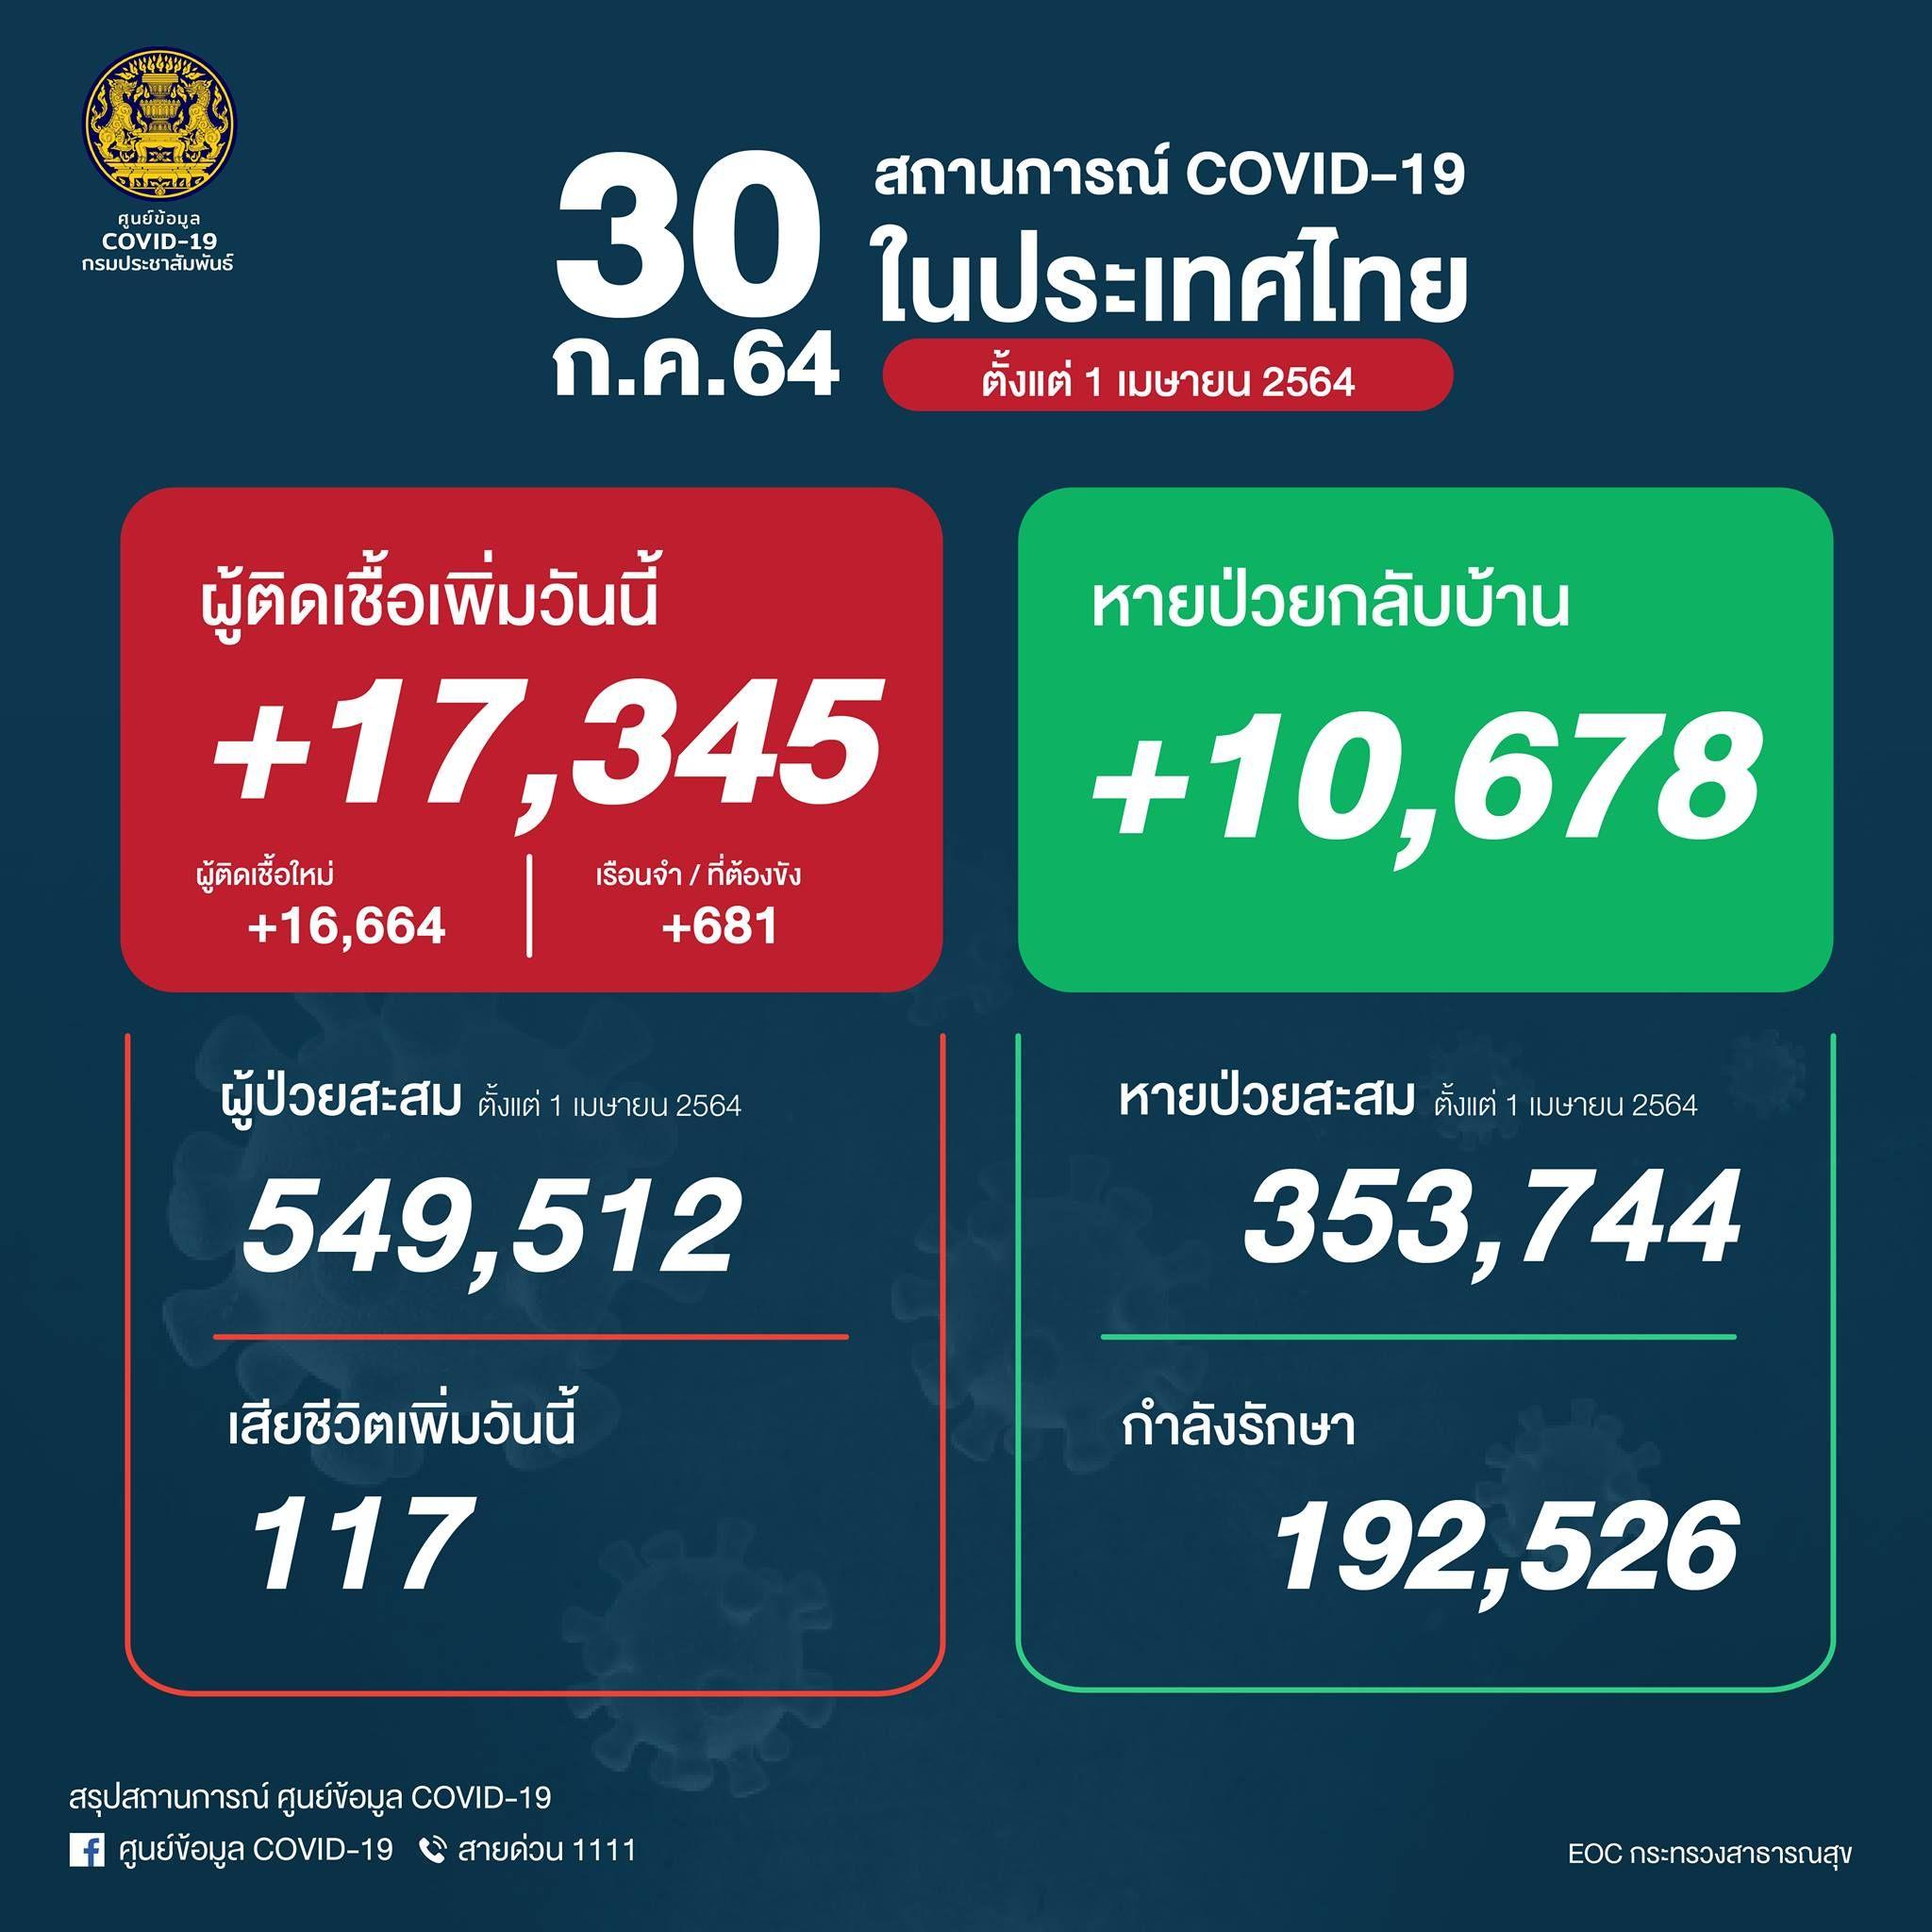 ยอด 'โควิด-19' วันนี้ ยังหนัก! พบเสียชีวิต 117 ราย ติดเชื้อเพิ่ม 17,345ราย